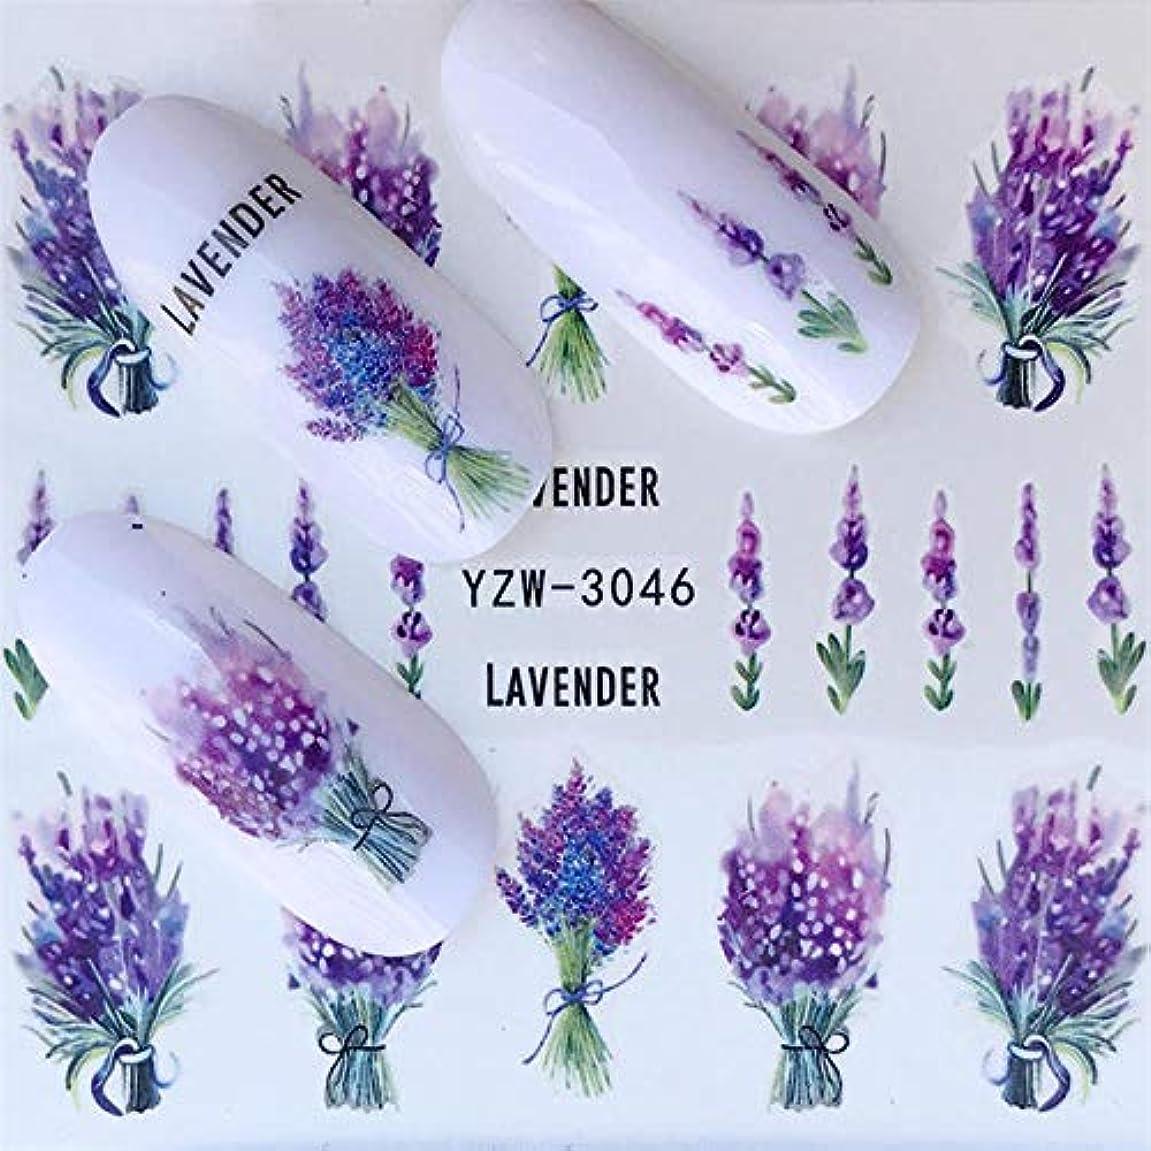 感染する同等の大宇宙SUKTI&XIAO ネイルステッカー 1シートの水移動の釘の芸術のステッカーの多彩な紫色の花の釘のステッカーの覆い、Yzw-3046